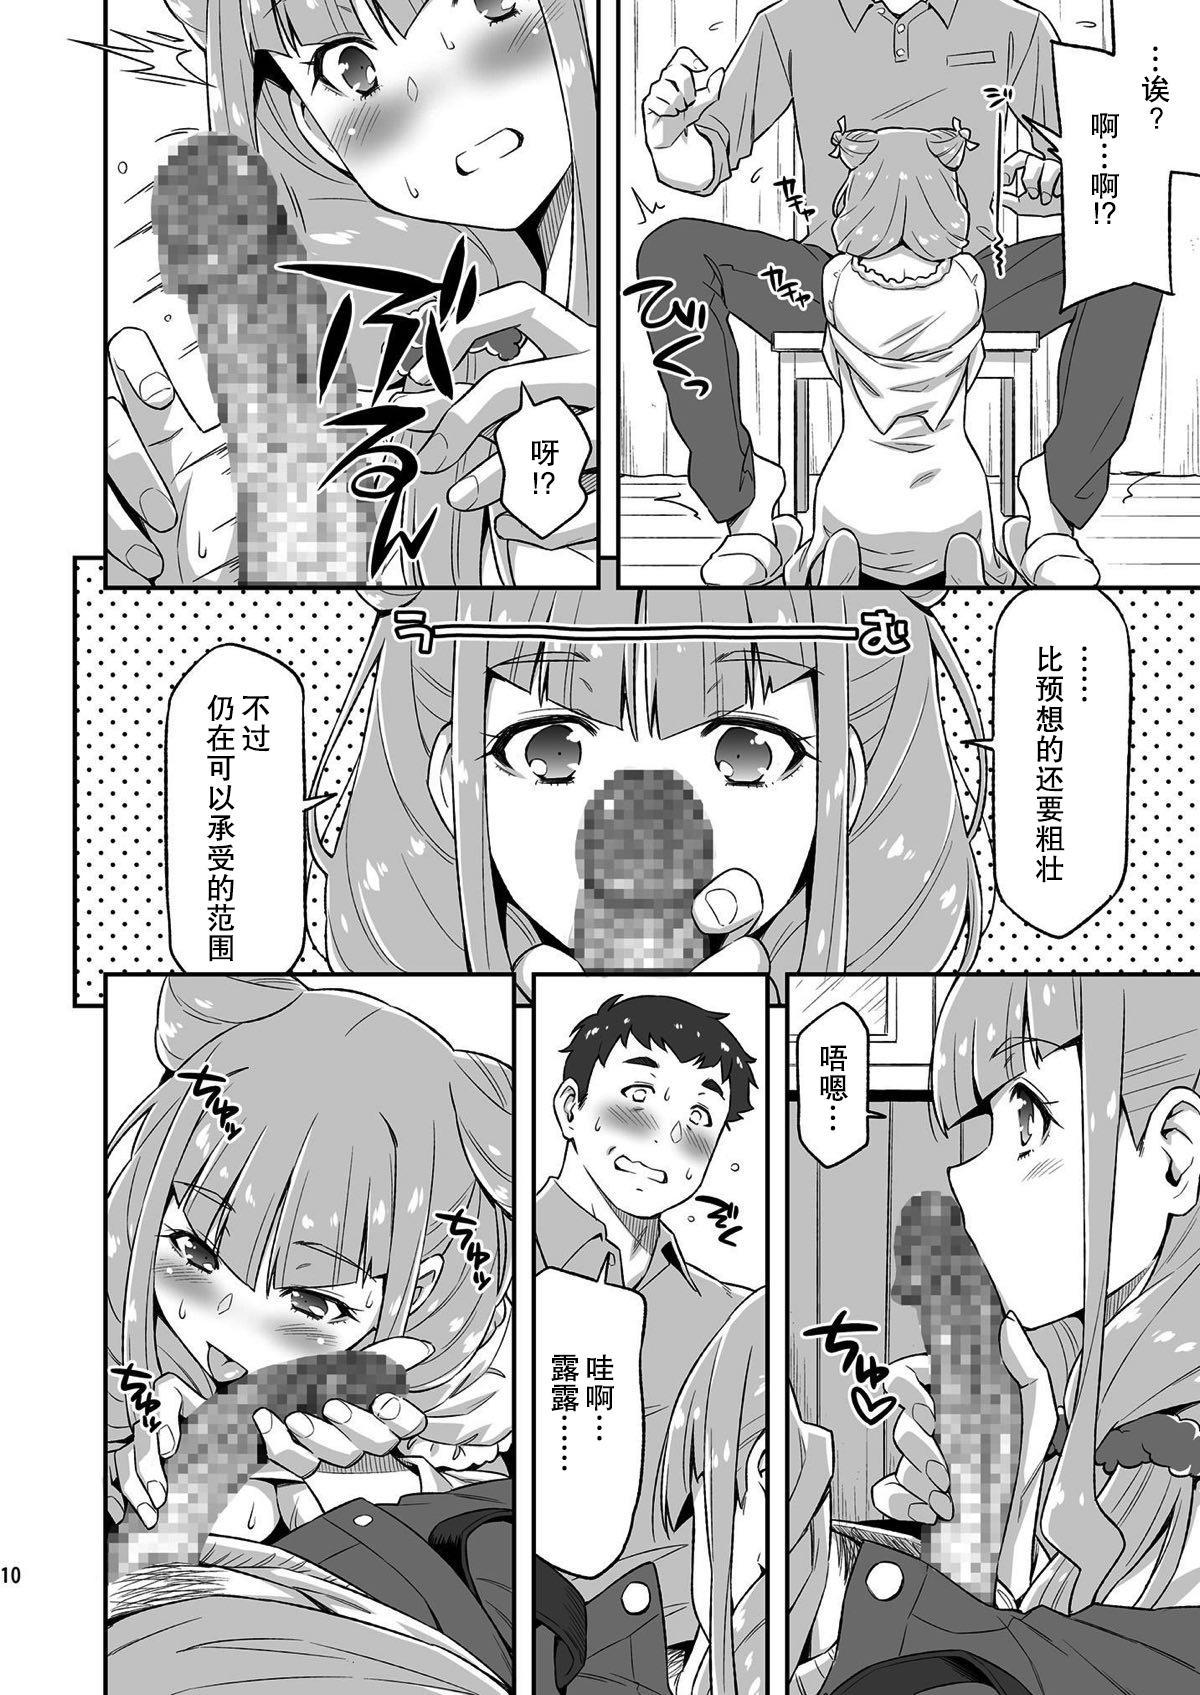 Ruru ga Yonaka ni Totsuzen Semattekita node. 9